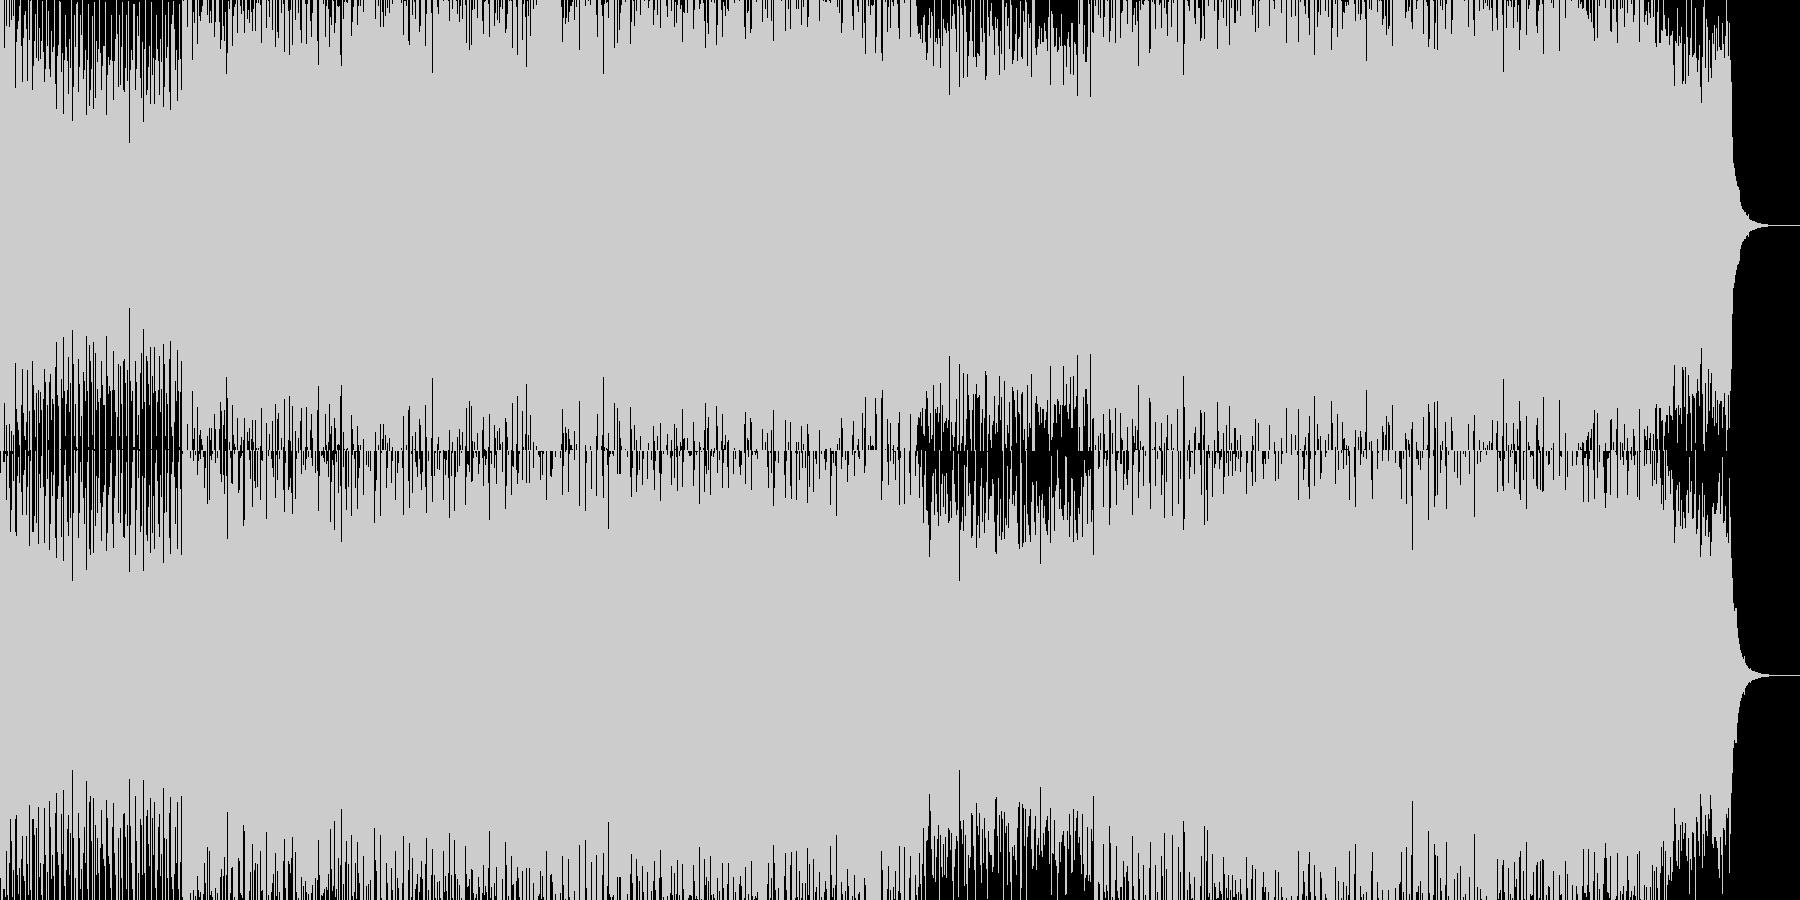 EDMクラブ系ダンスミュージック-89の未再生の波形